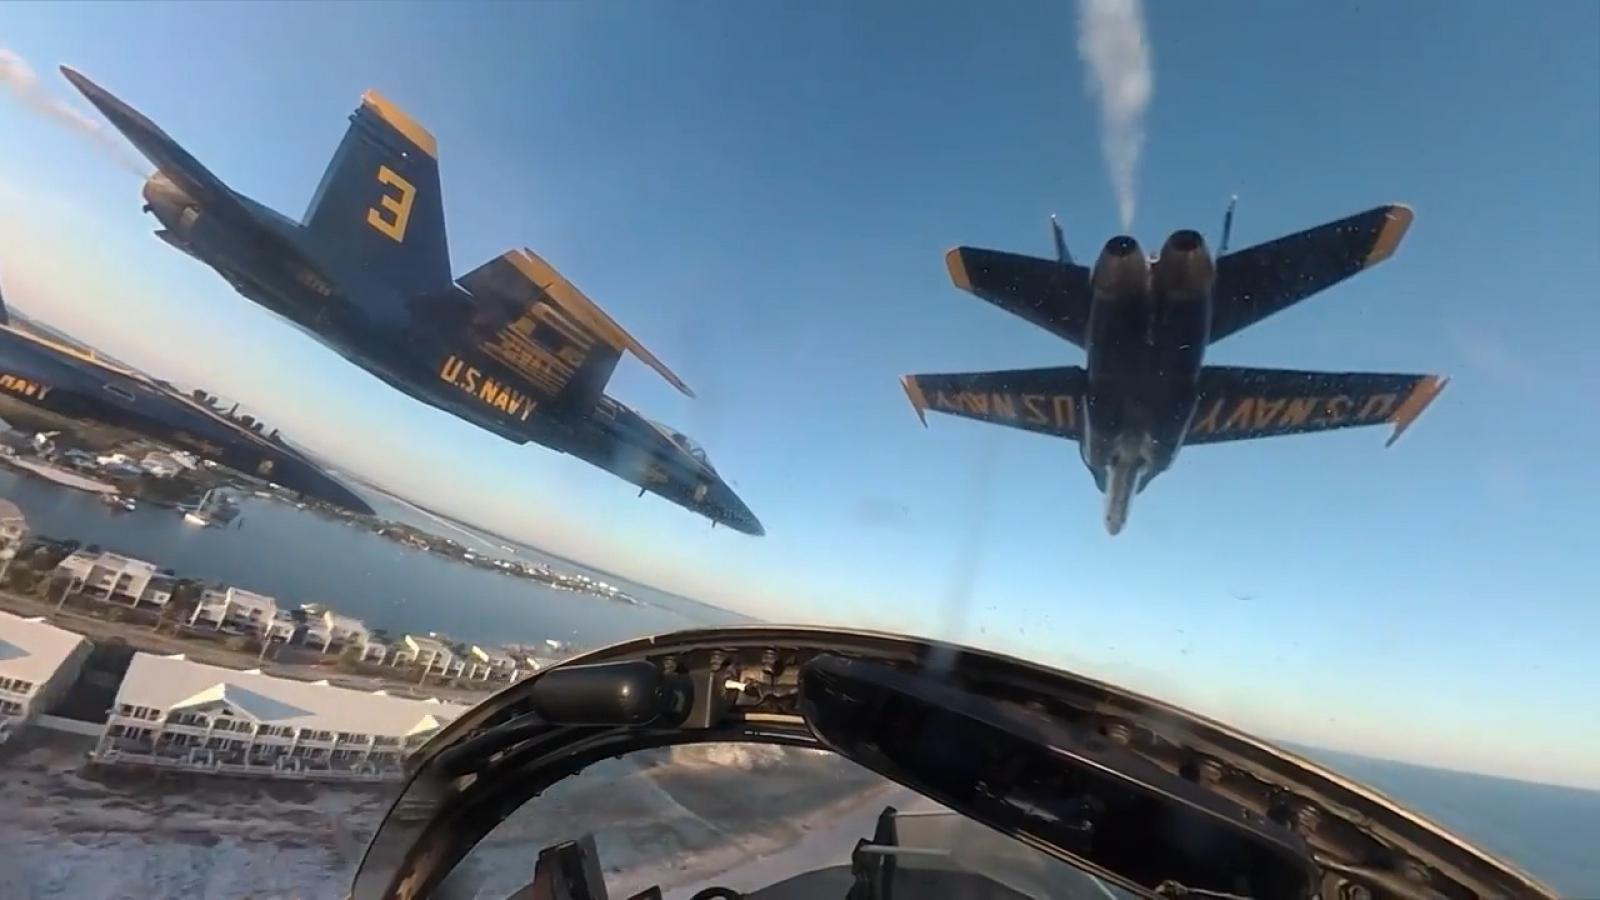 Chuyến bay cuối cùng kết thúc hành trình 34 năm của huyền thoại Hornet